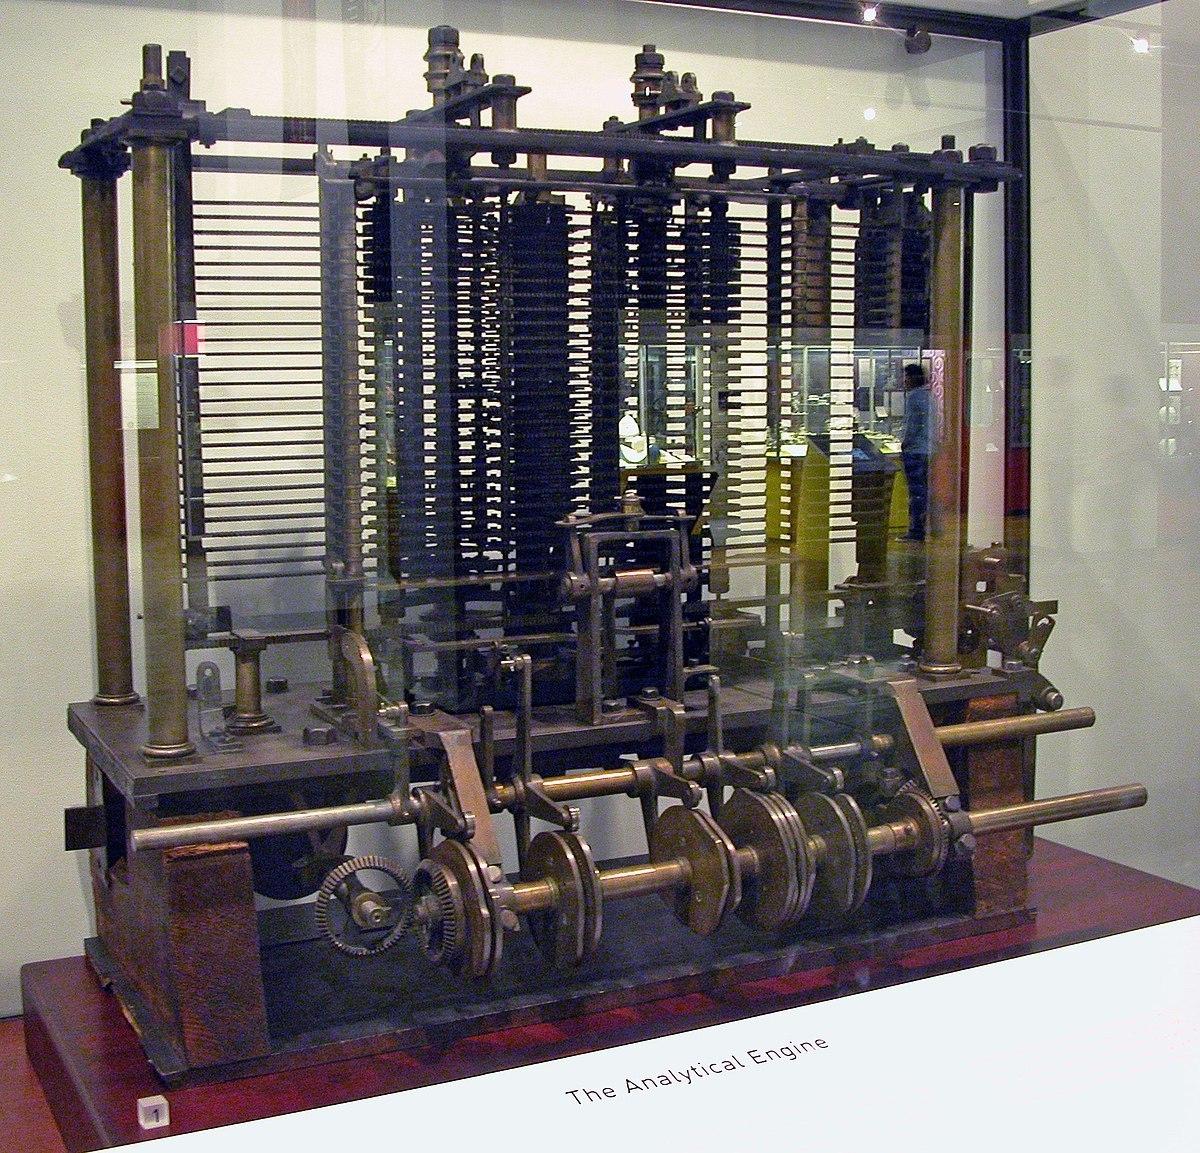 من اخترع الحاسب الآلي؟ (1)